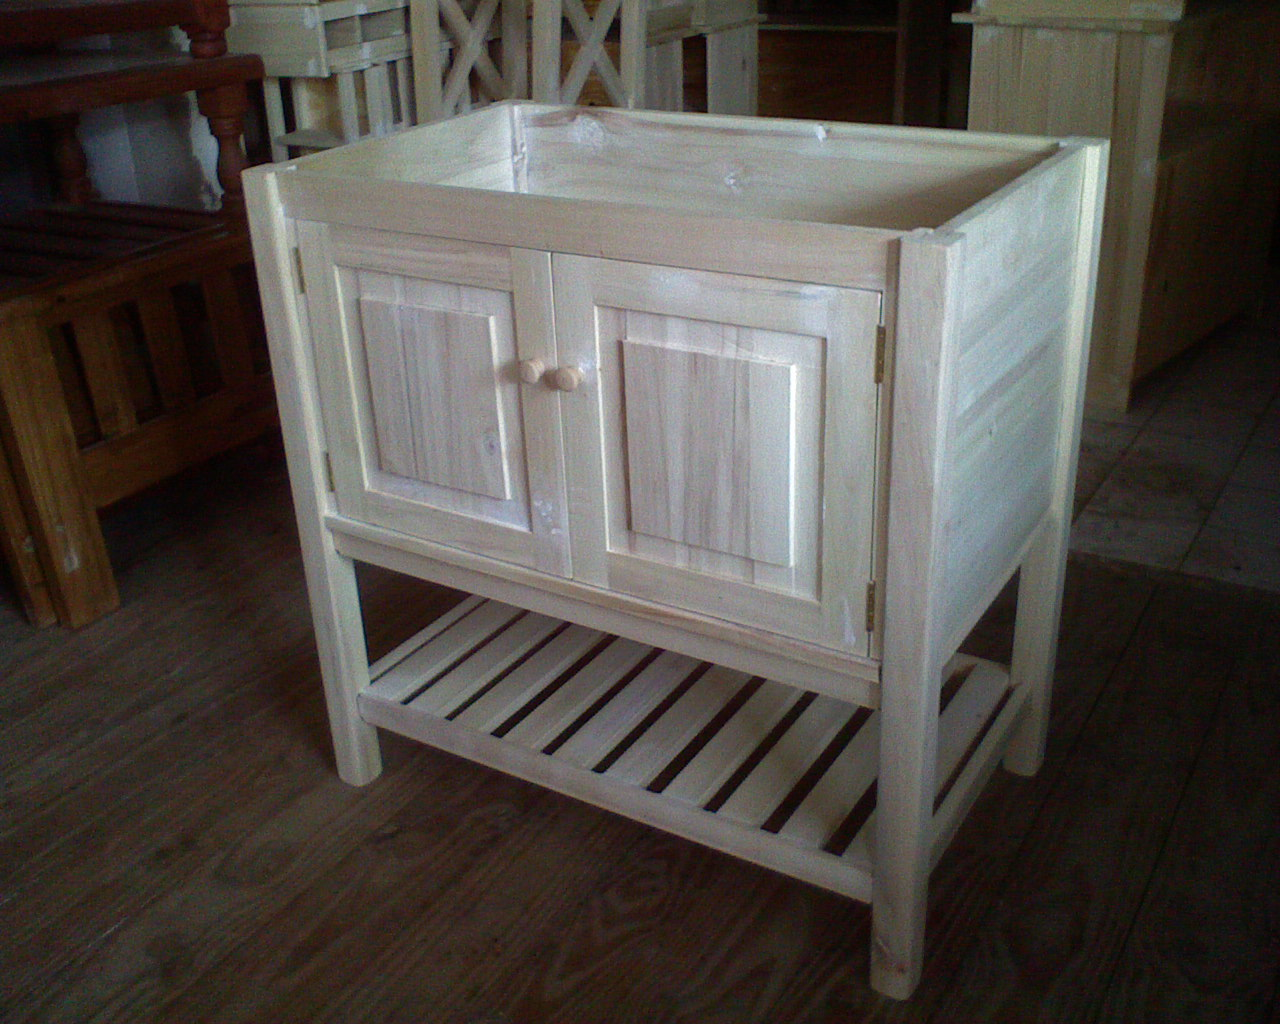 Muebles artesanales mi pueblo 20170803084825 for Muebles artesanales